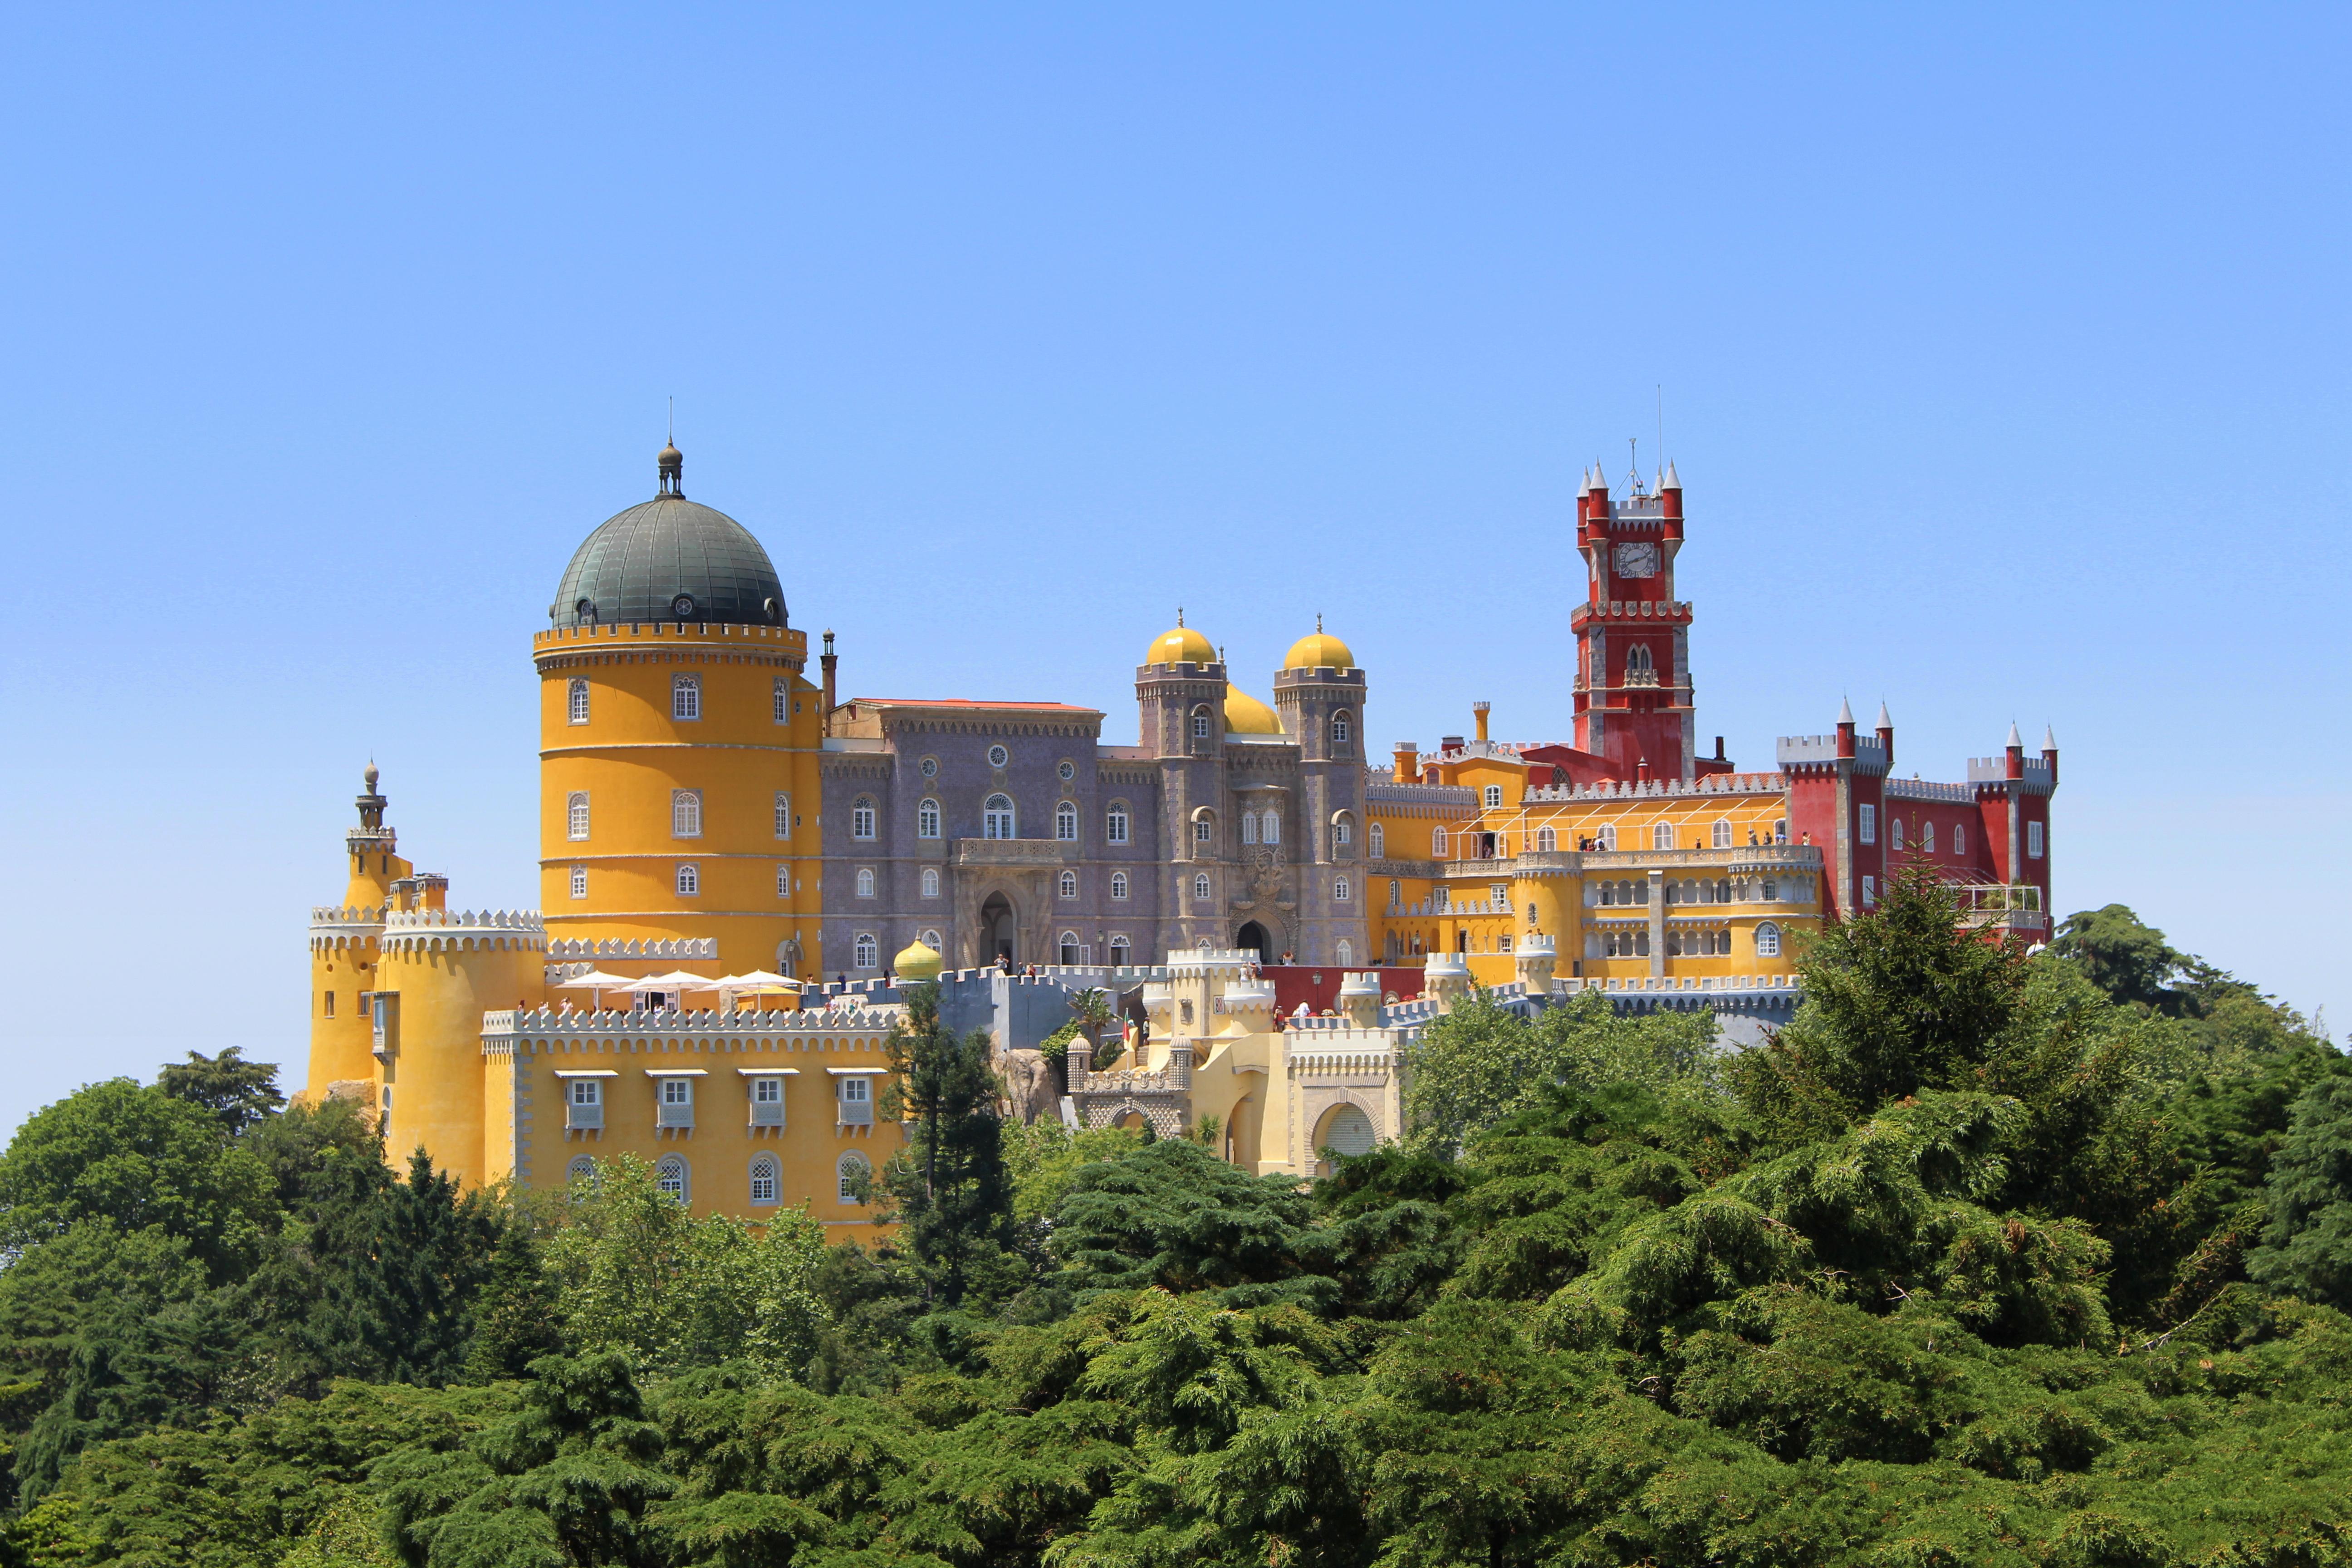 Le palais de Pena, Sintra